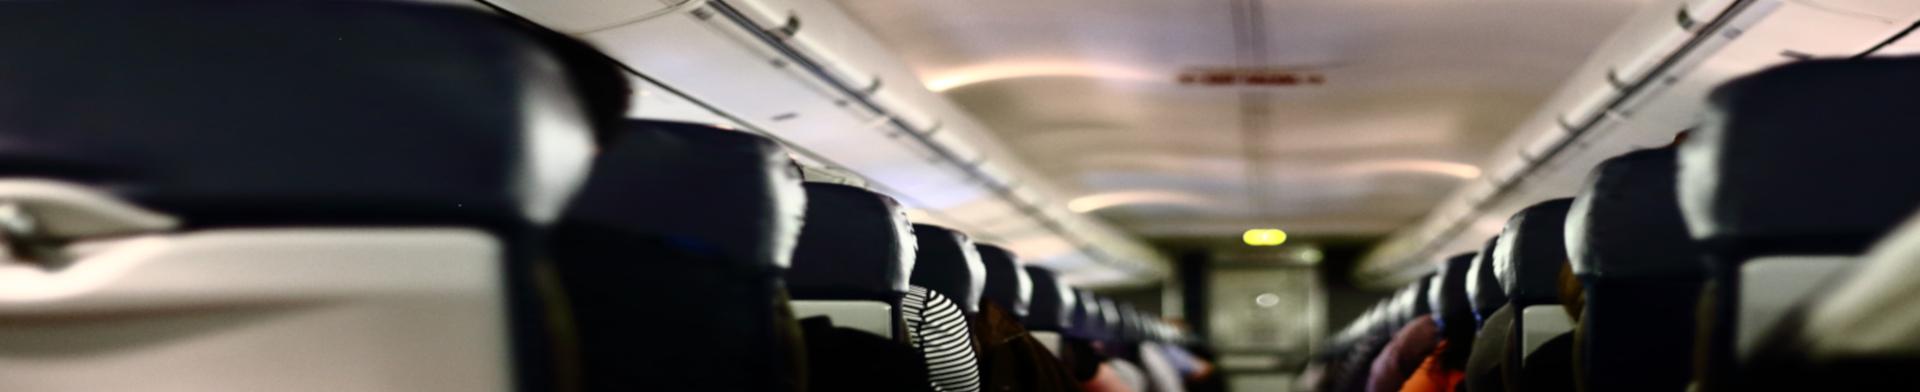 Flight Attendant Banner